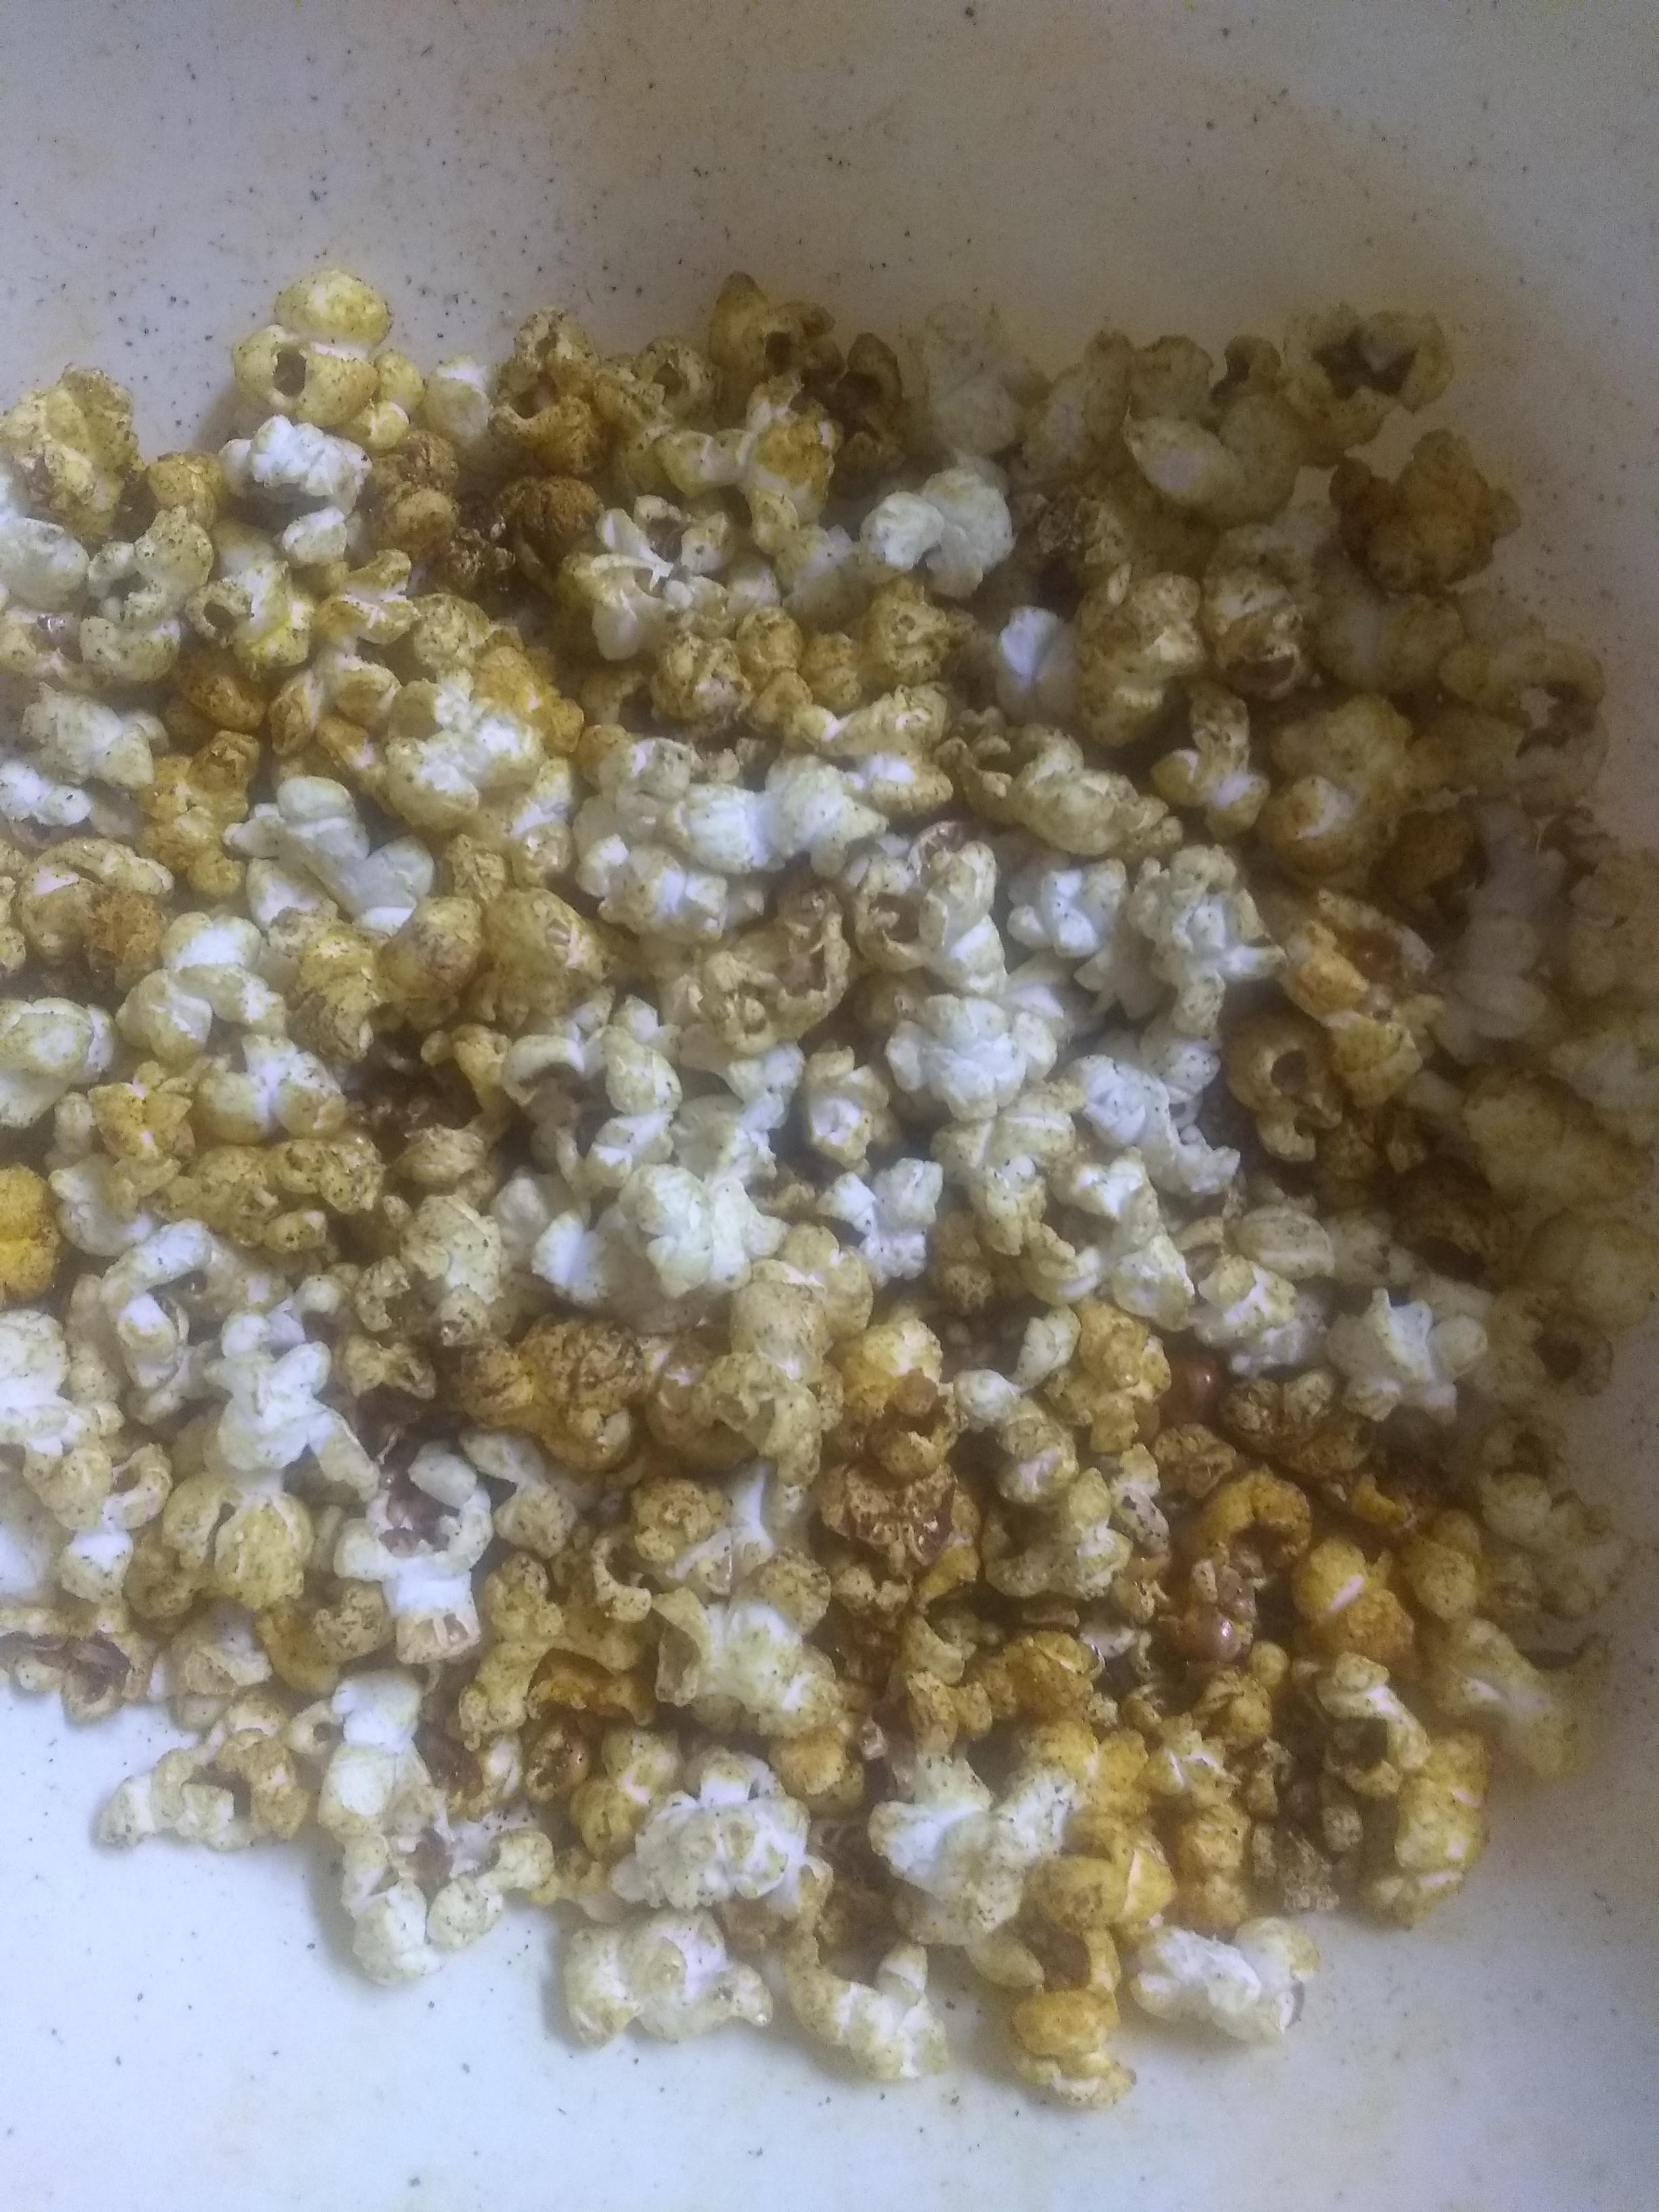 Curried Popcorn sharon jones